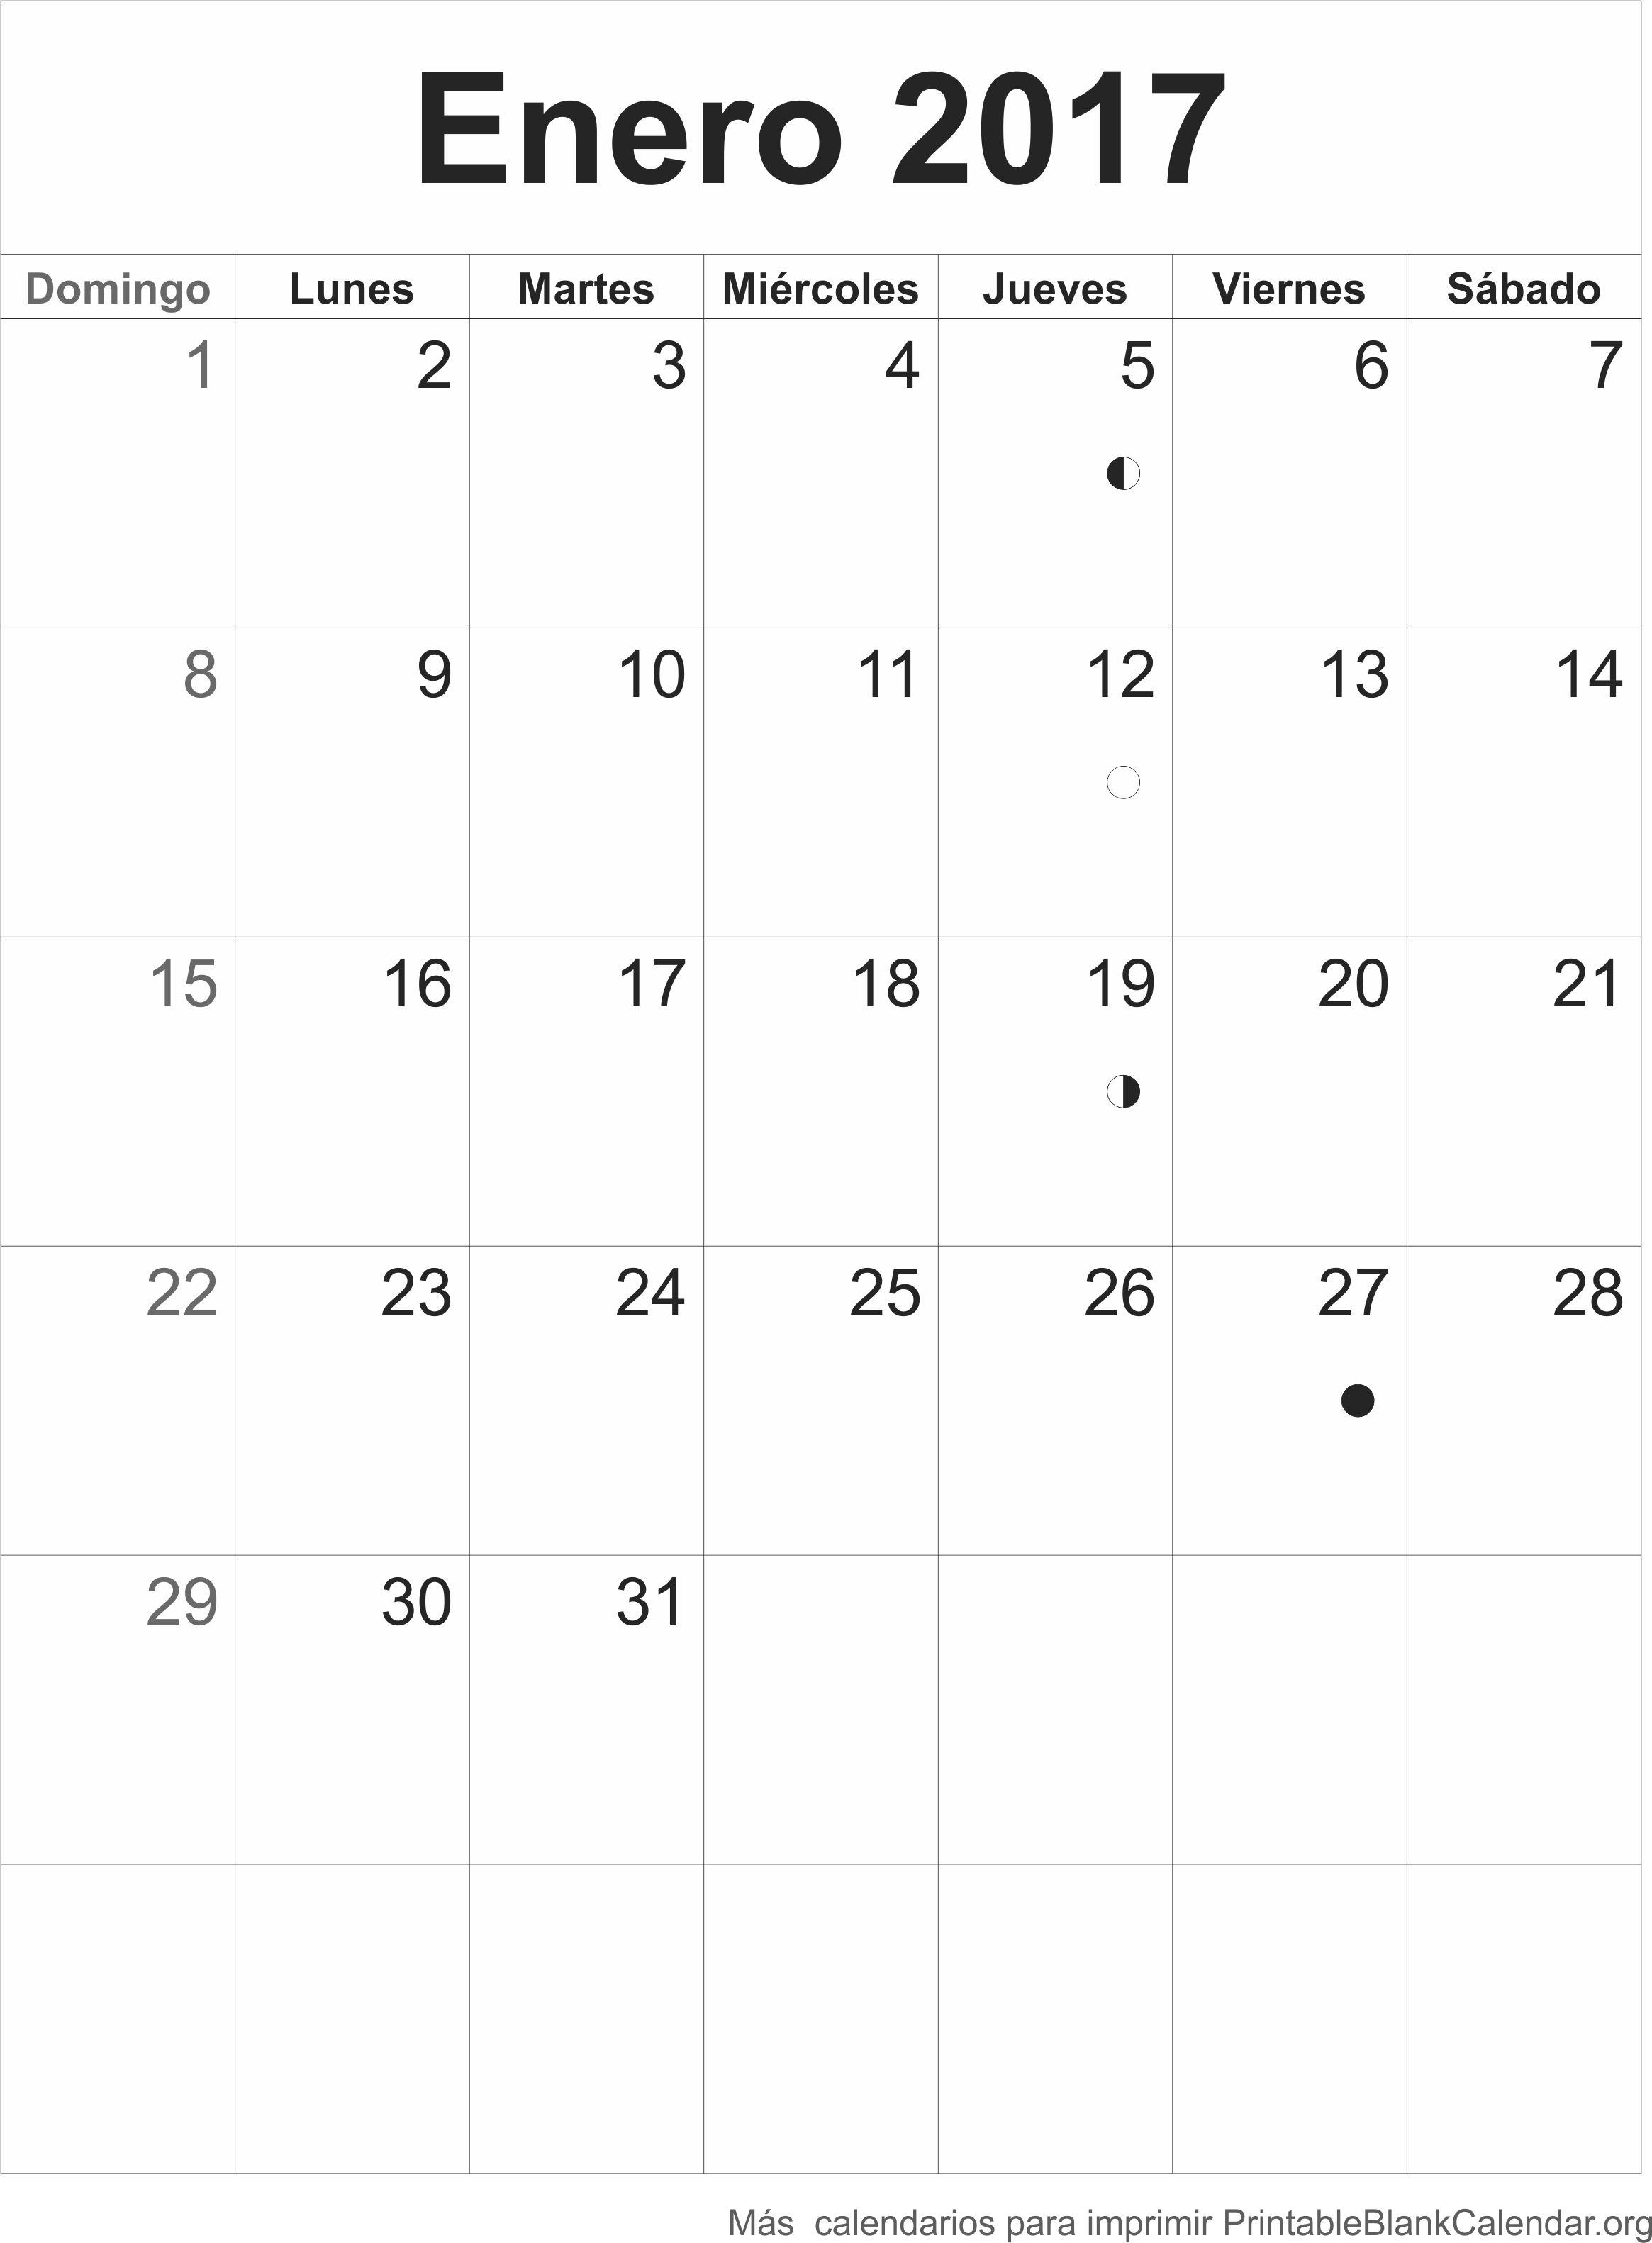 agenda enrero 2017